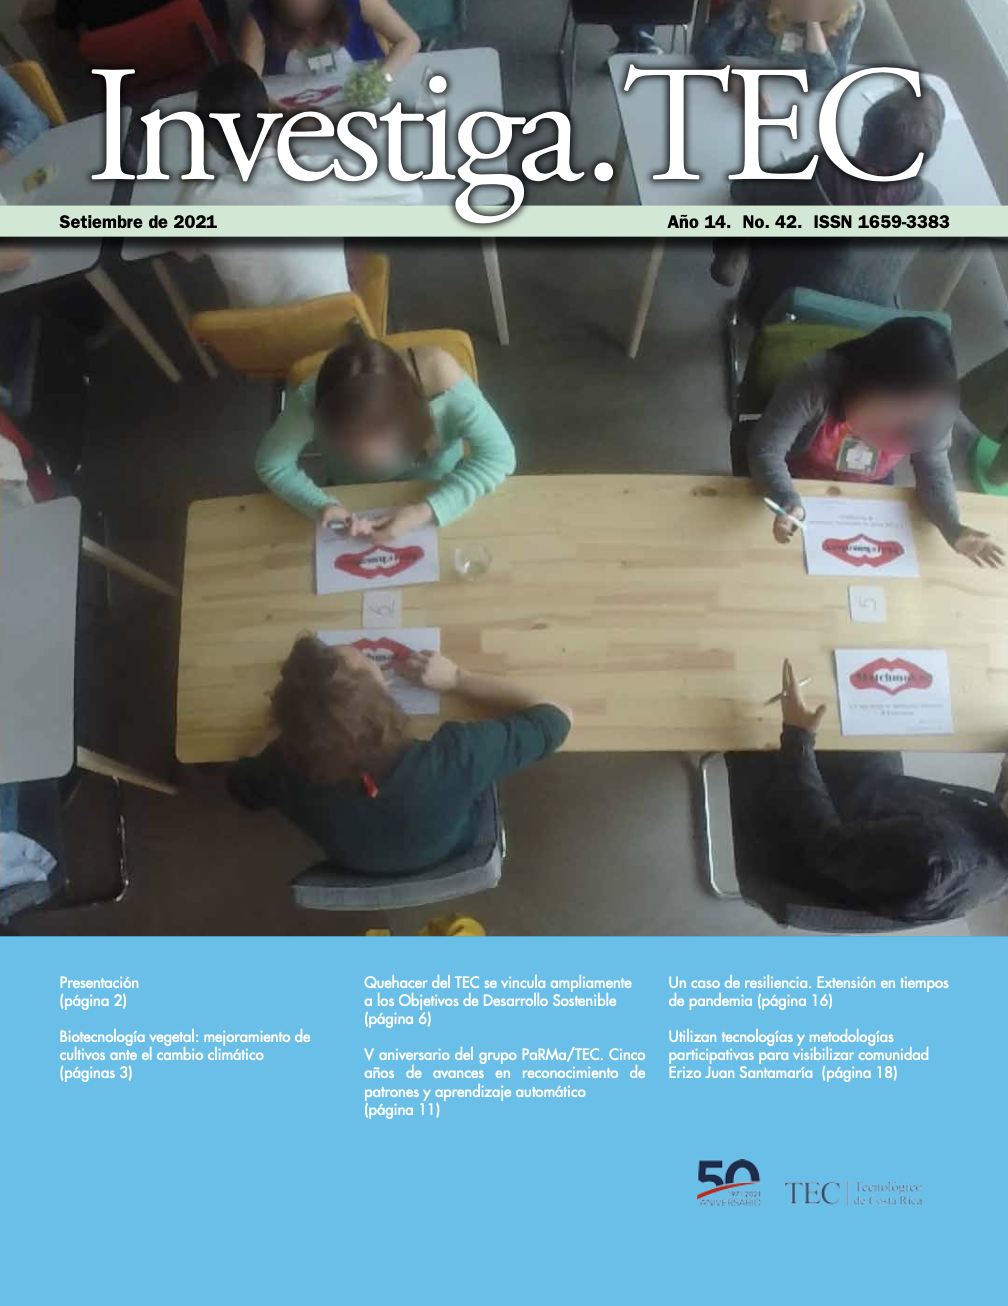 La imagen de portada presenta un grupo de investigadores en un área boscosa